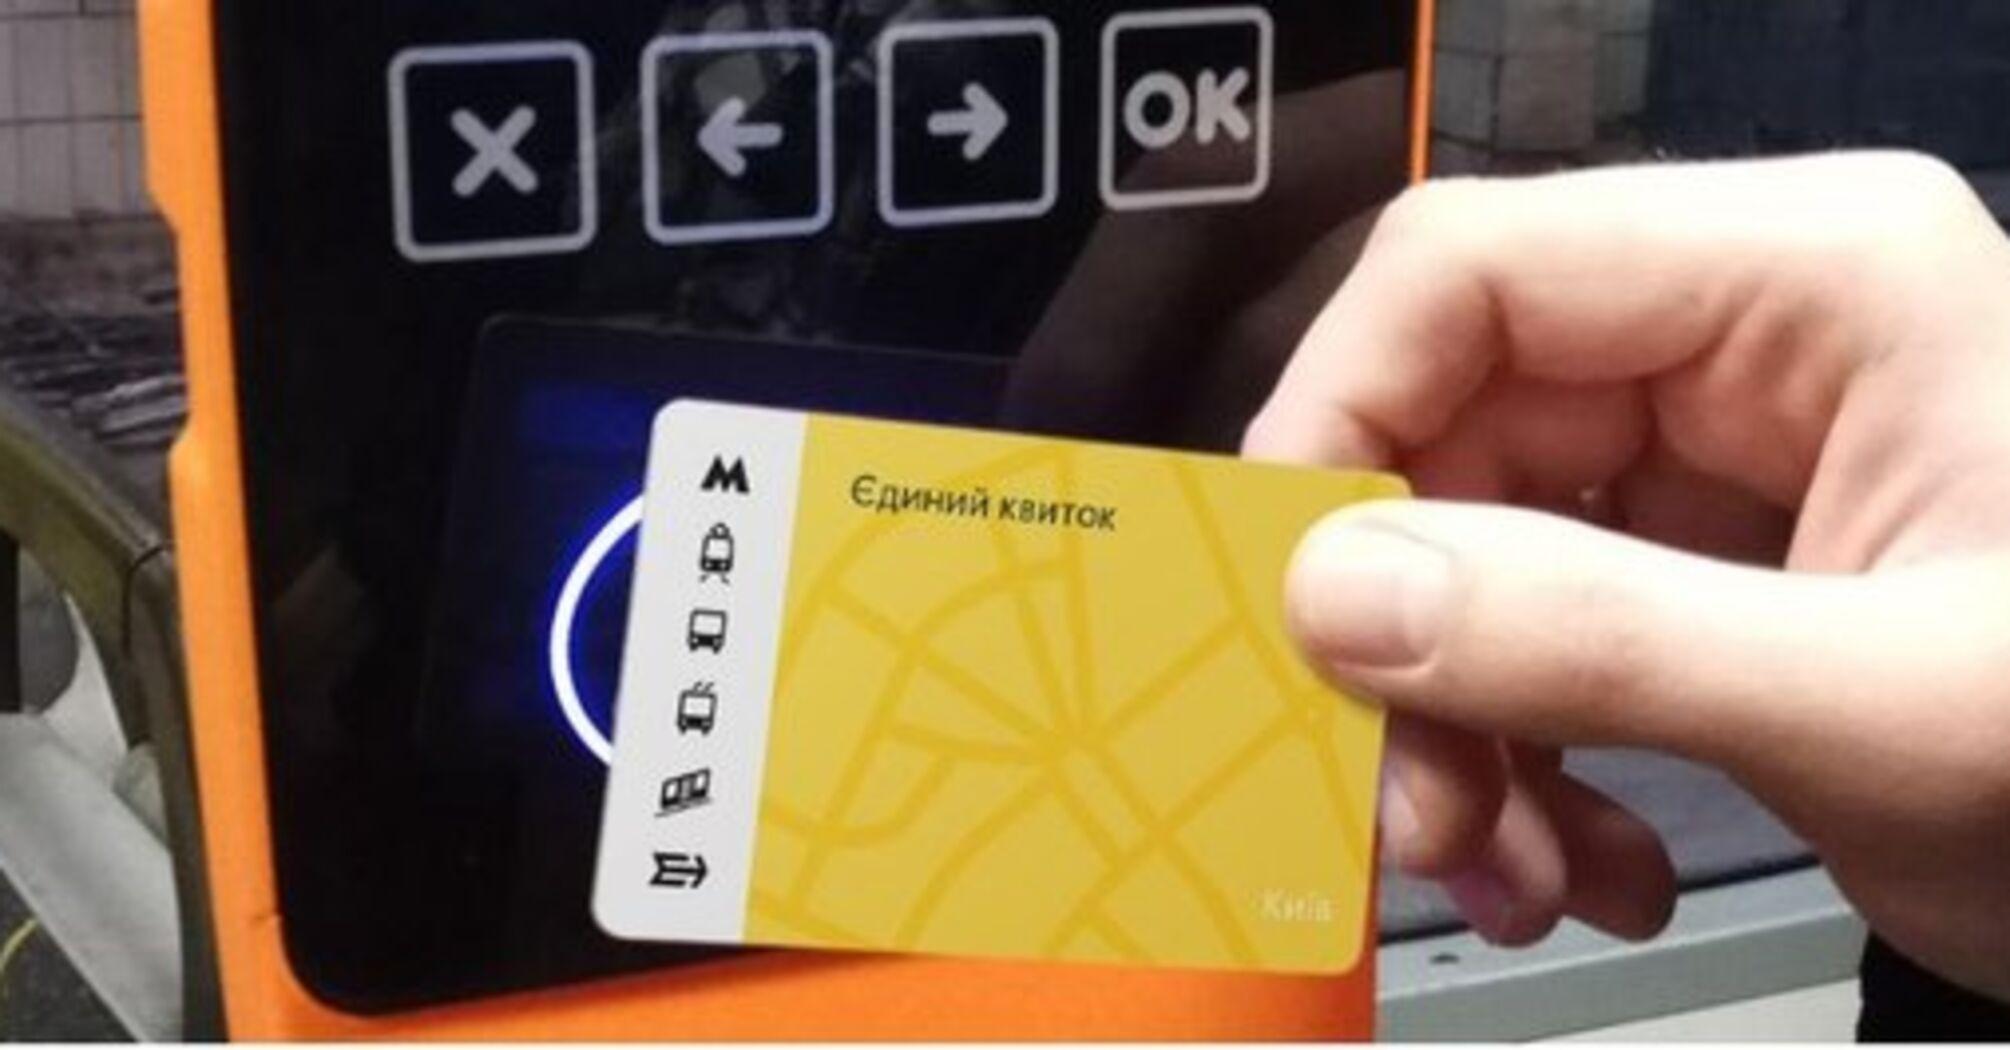 У Києві запустили єдиний квиток для метро та поїздів. Як ним скористуватися?